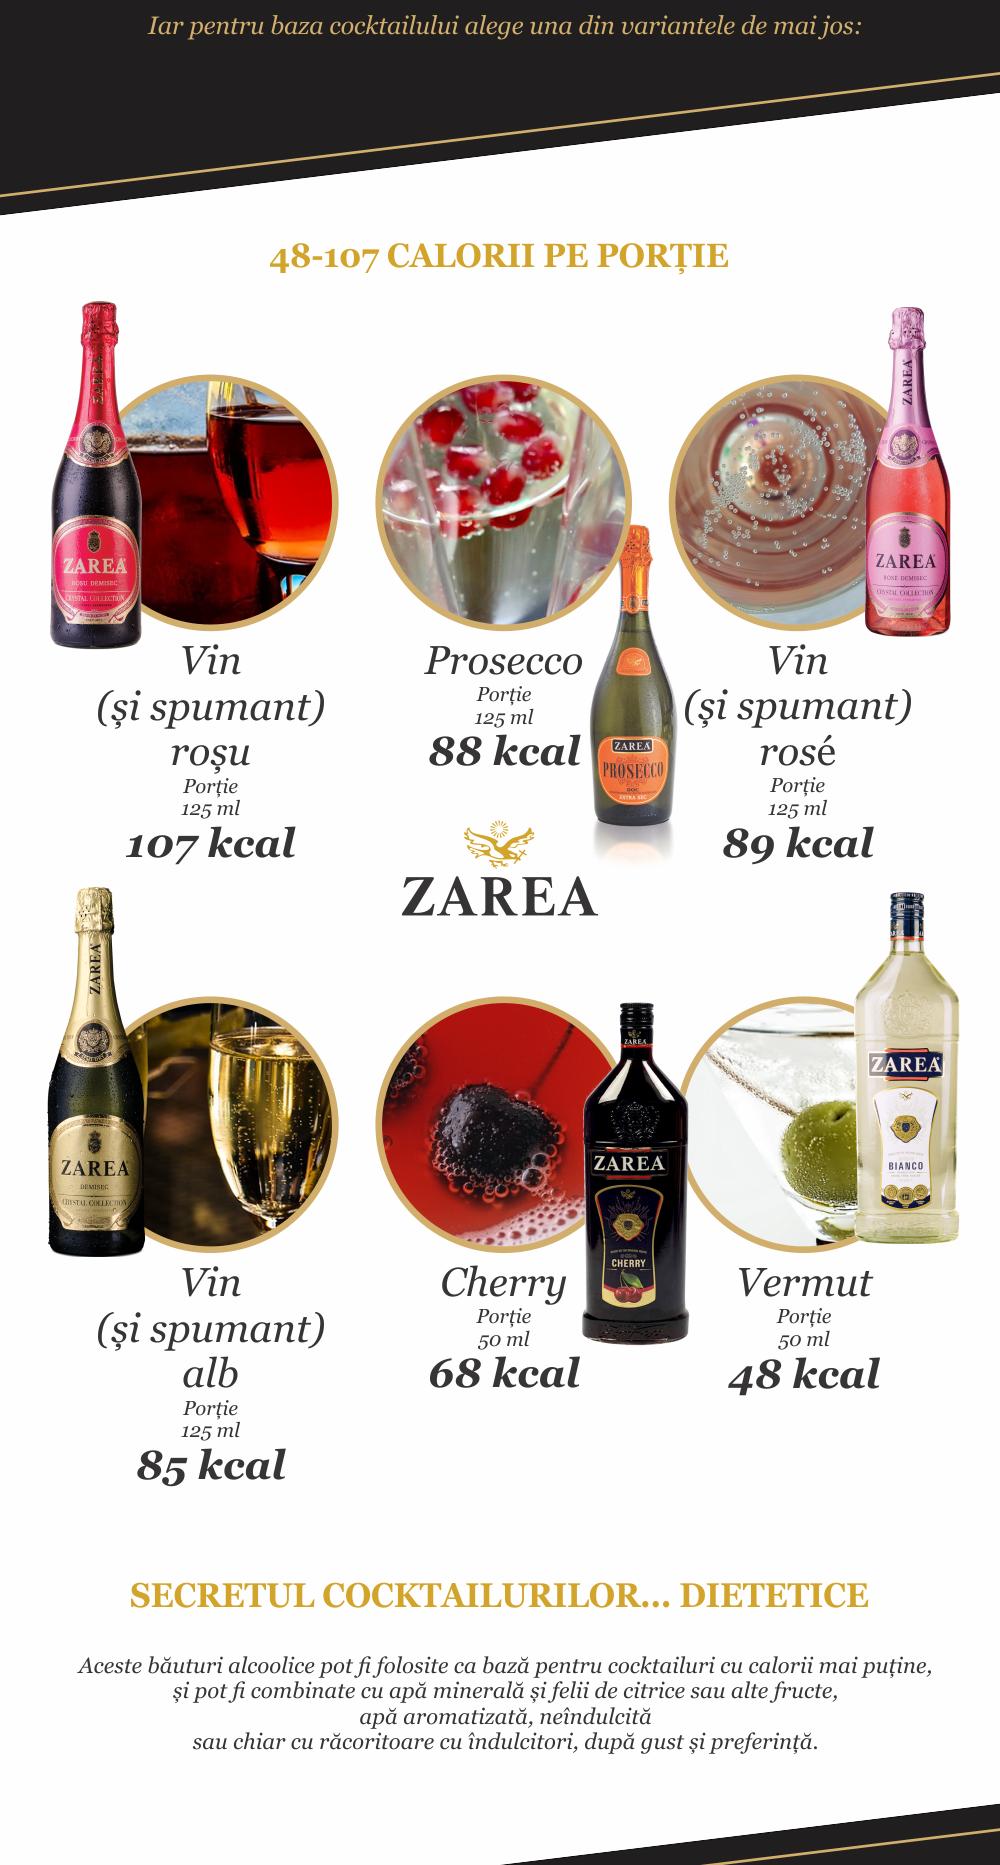 5 Cocktailuri cu mai puține calorii - de la Zarea.ro